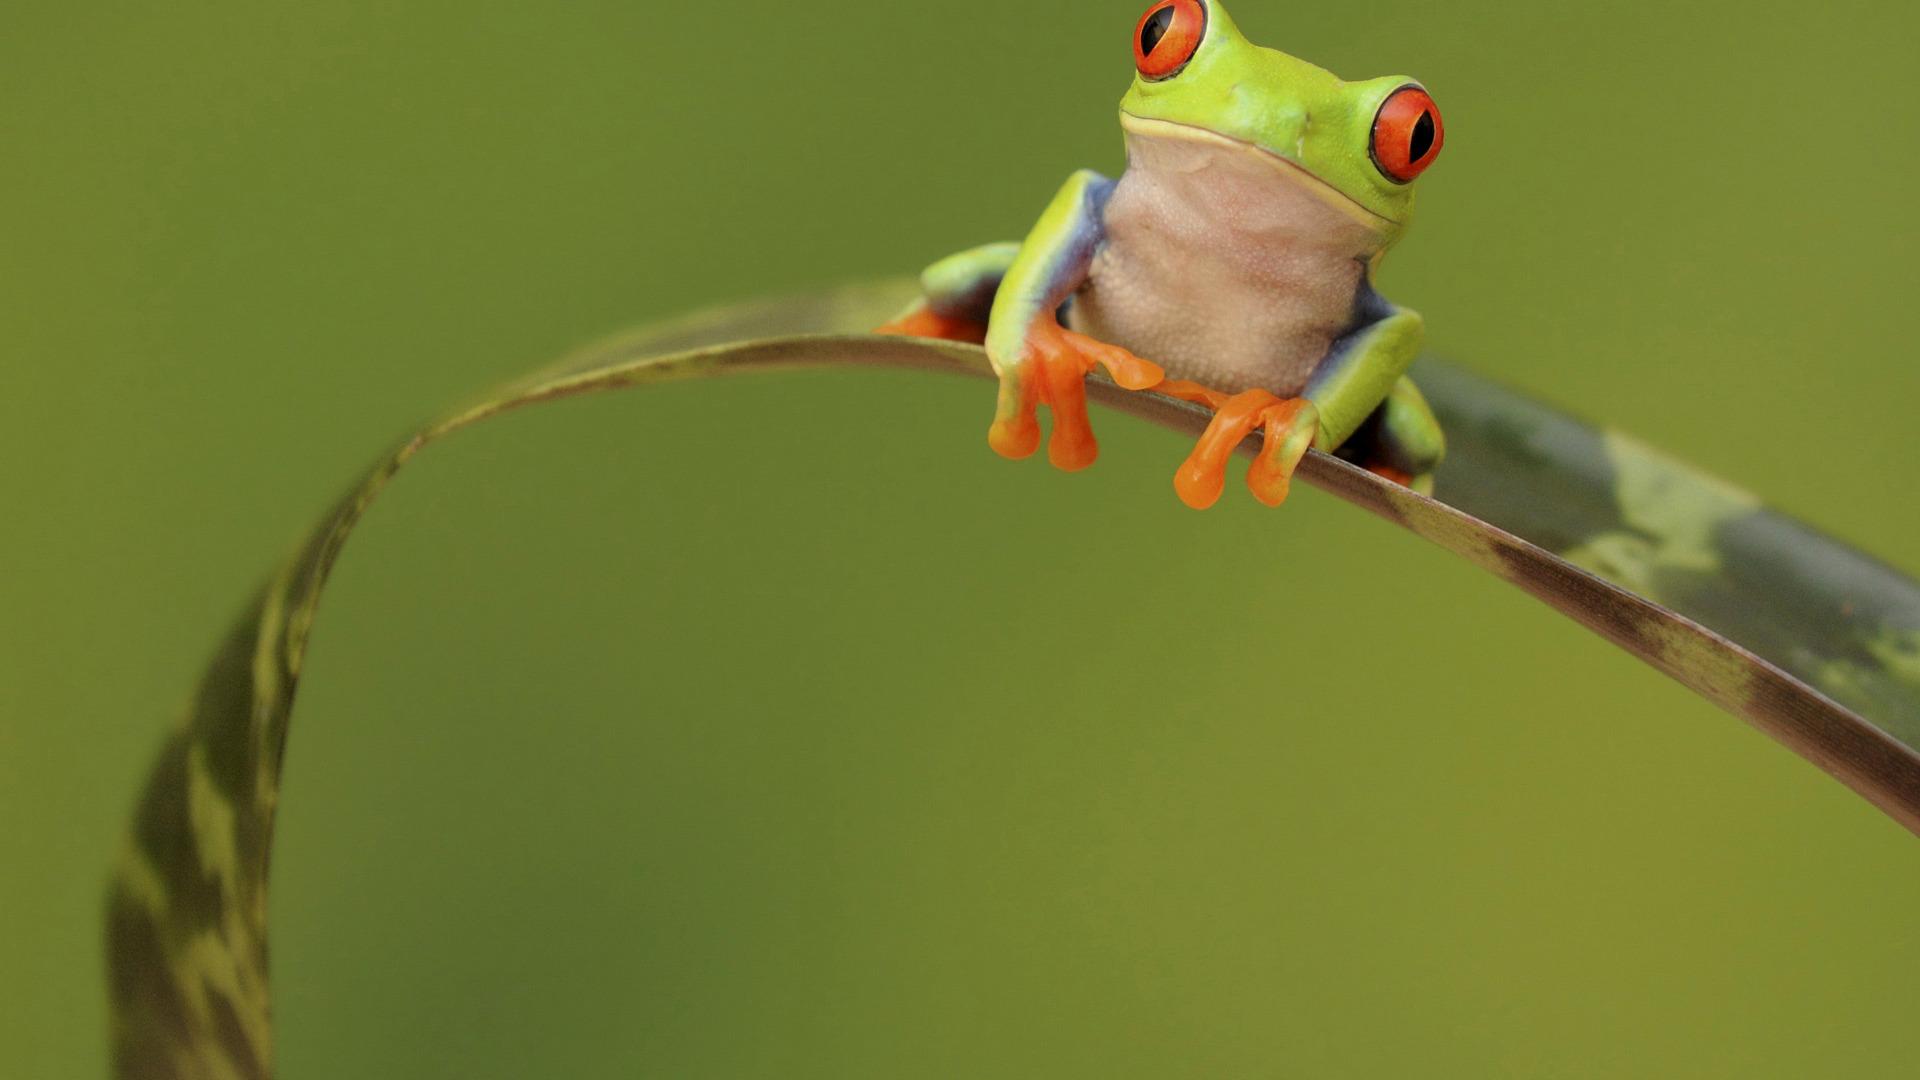 жаба лист фон  № 3164602 бесплатно